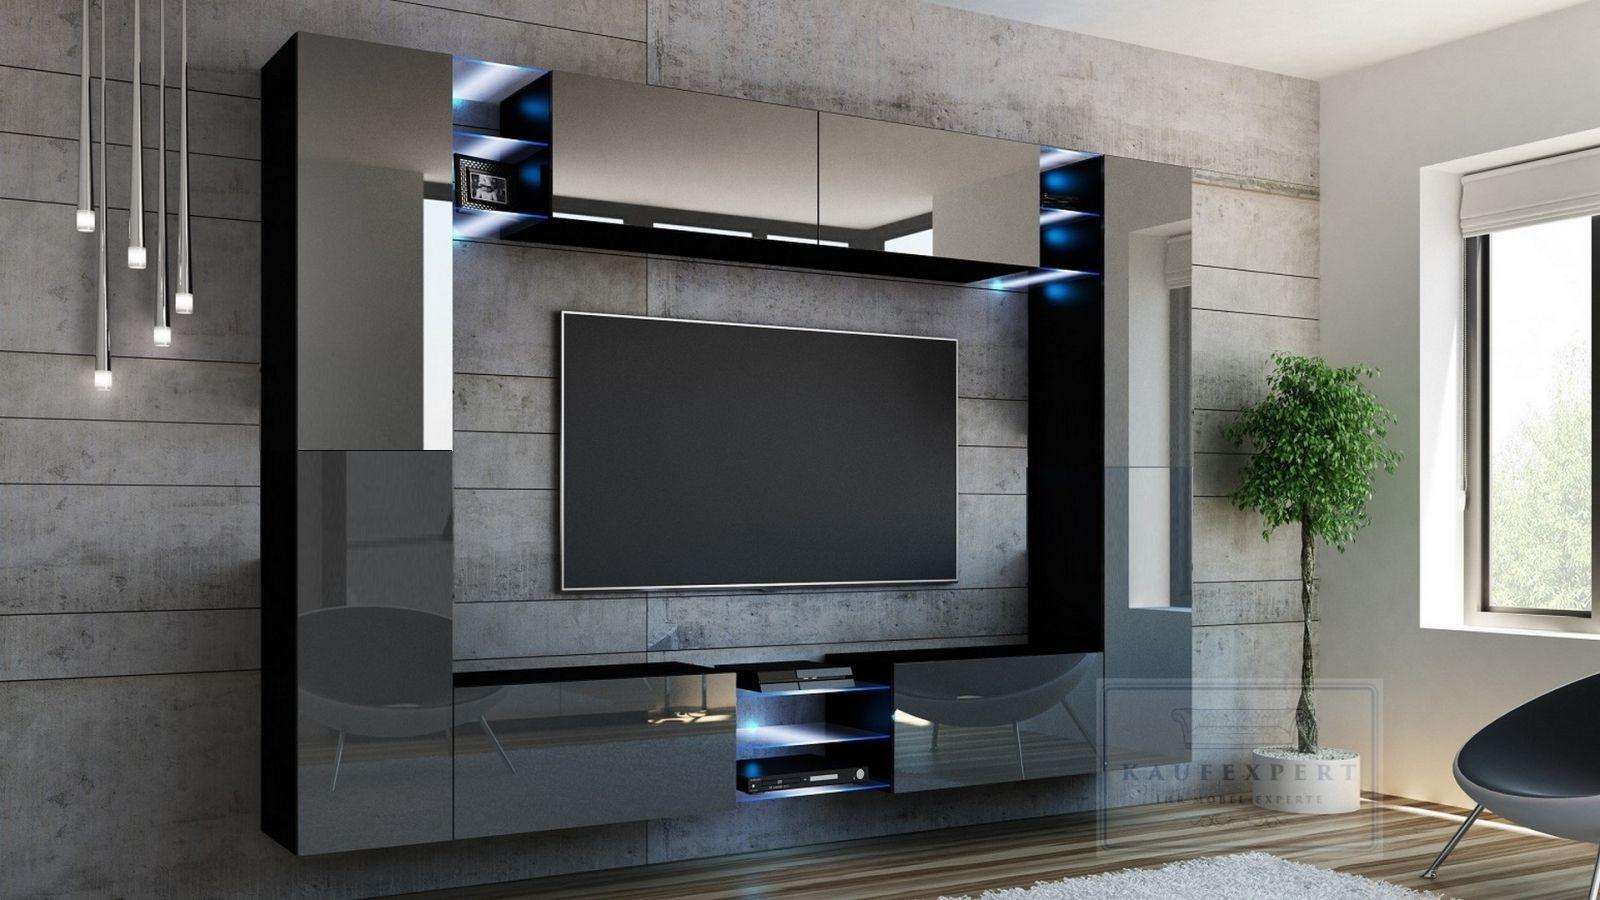 Wohnwand Kino Grau Hochglanz Schwarz Mediawand Medienwand Design Modern Led Beleuchtung Mdf Hochglanz Hangewand Hangeschrank Tv Wand In 2020 Wohnwand Wohnen Hochglanz